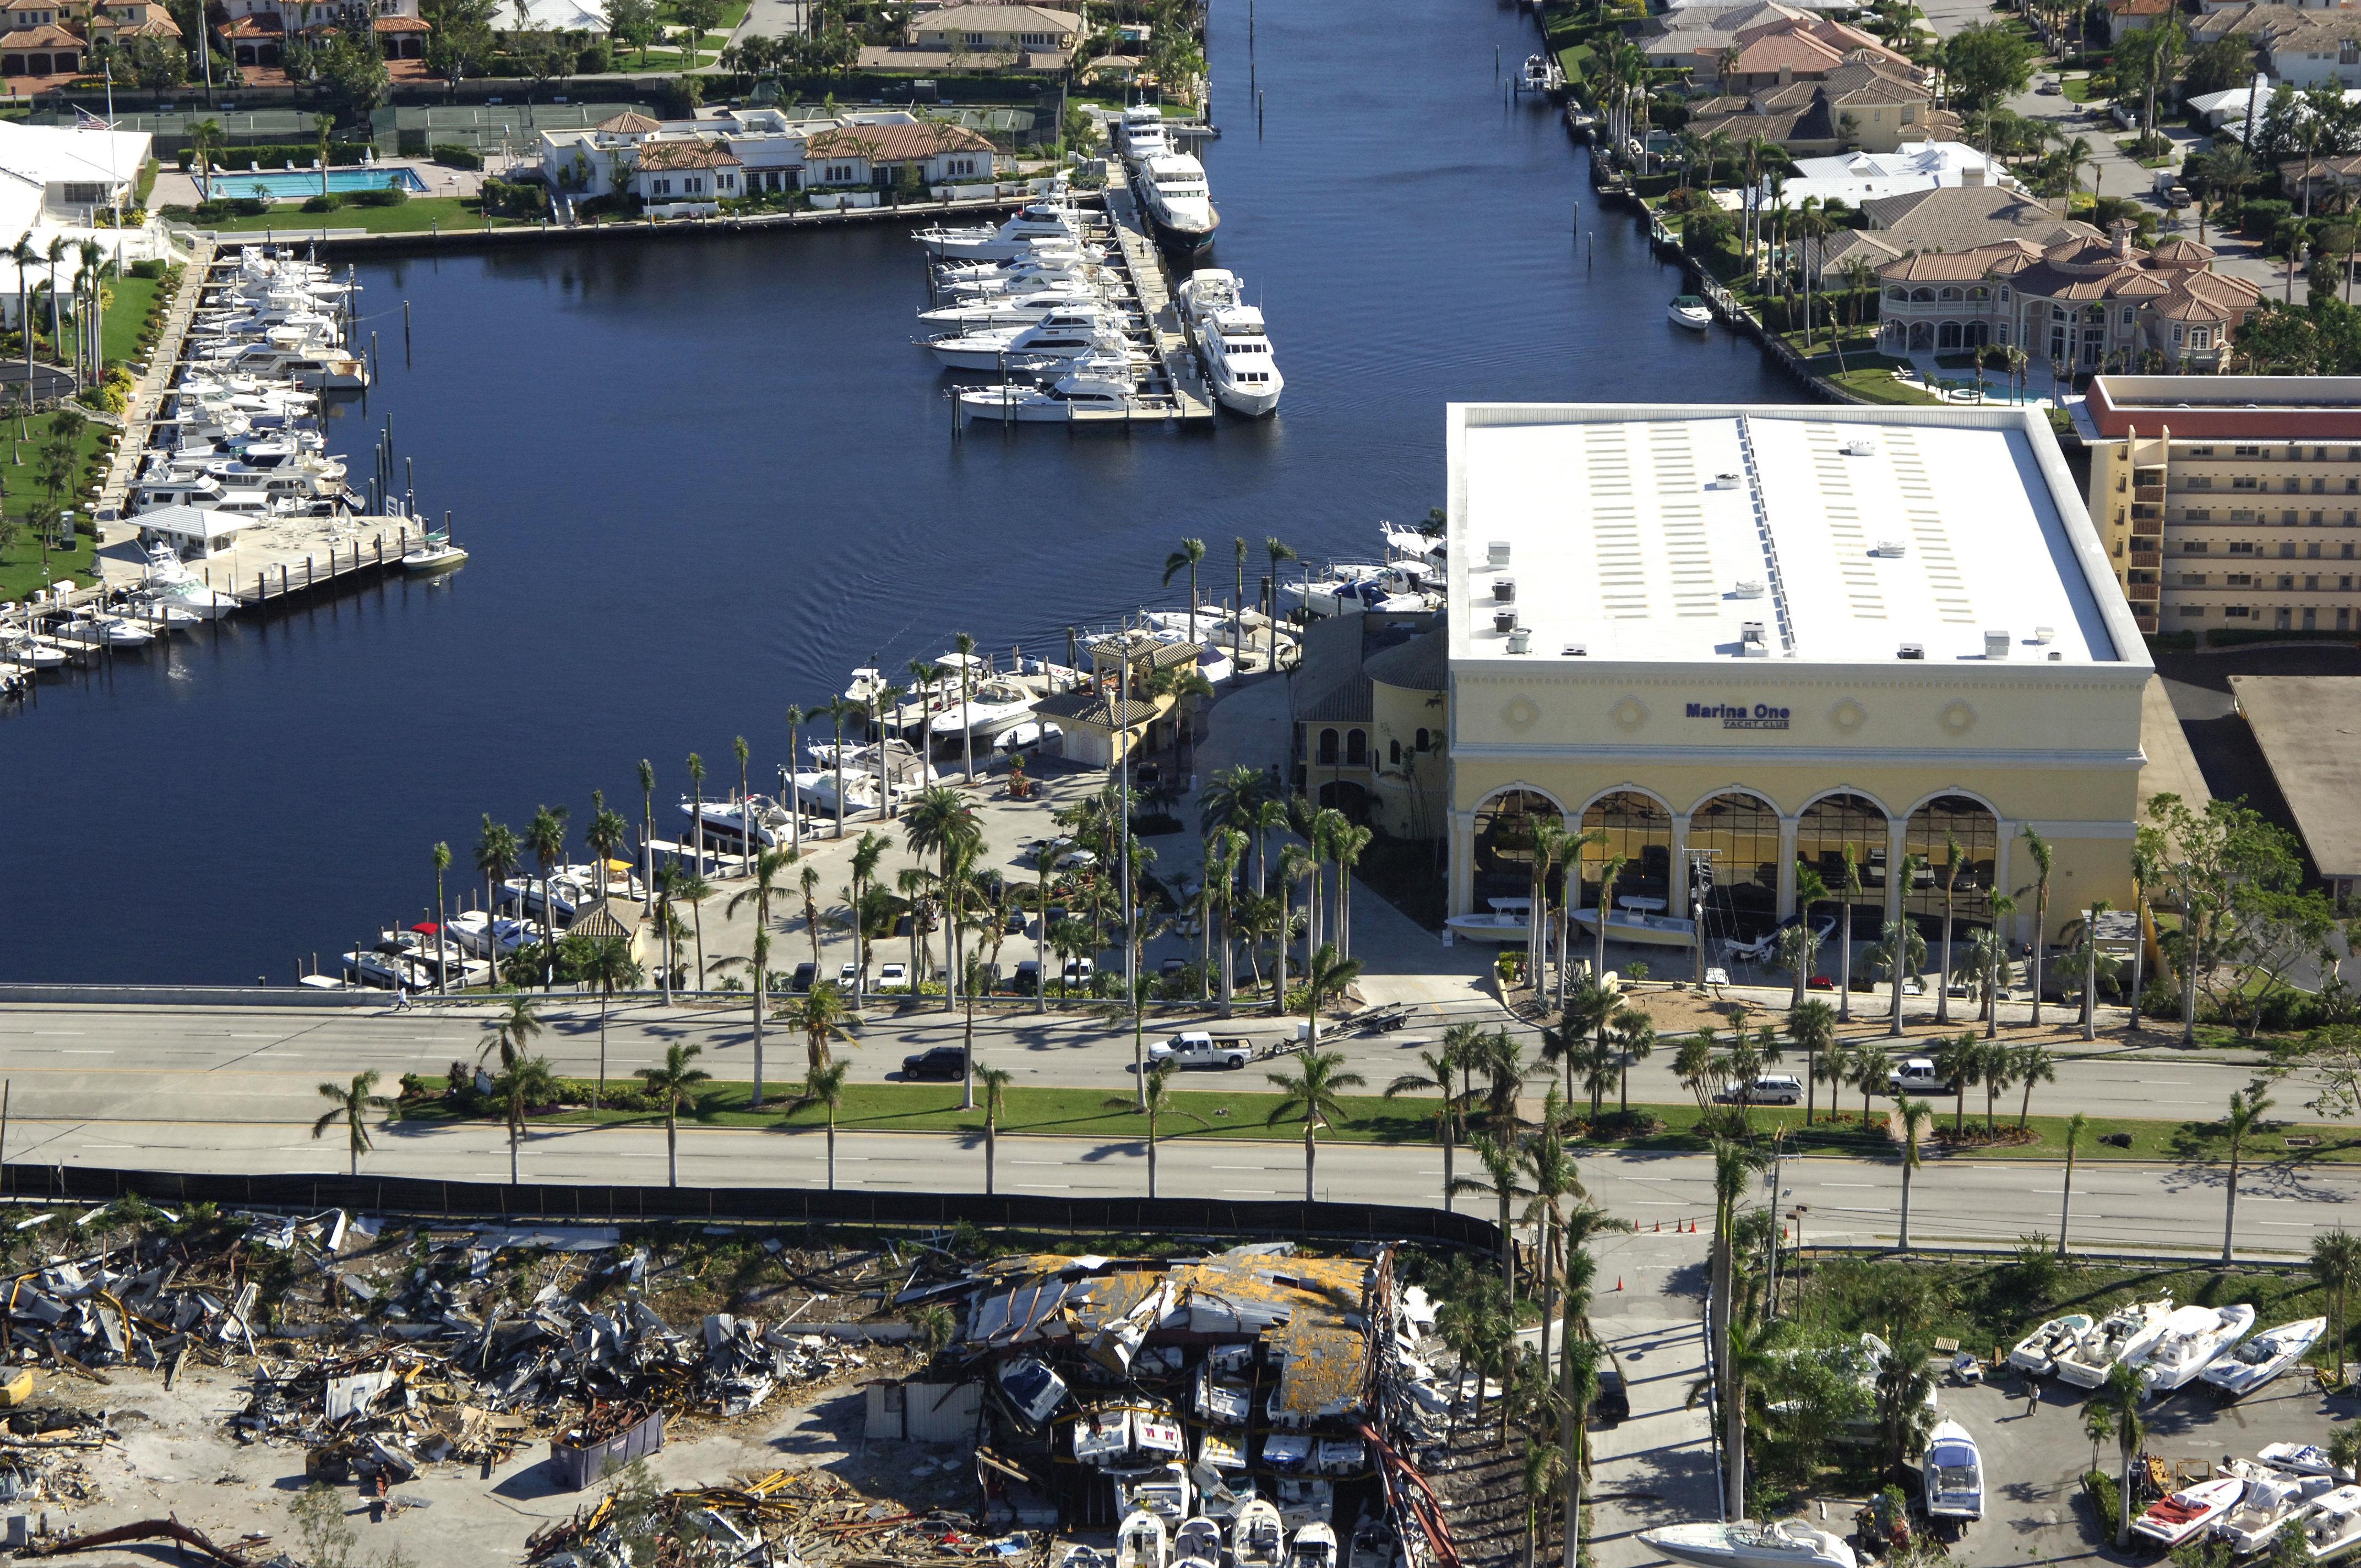 Marina One Yacht